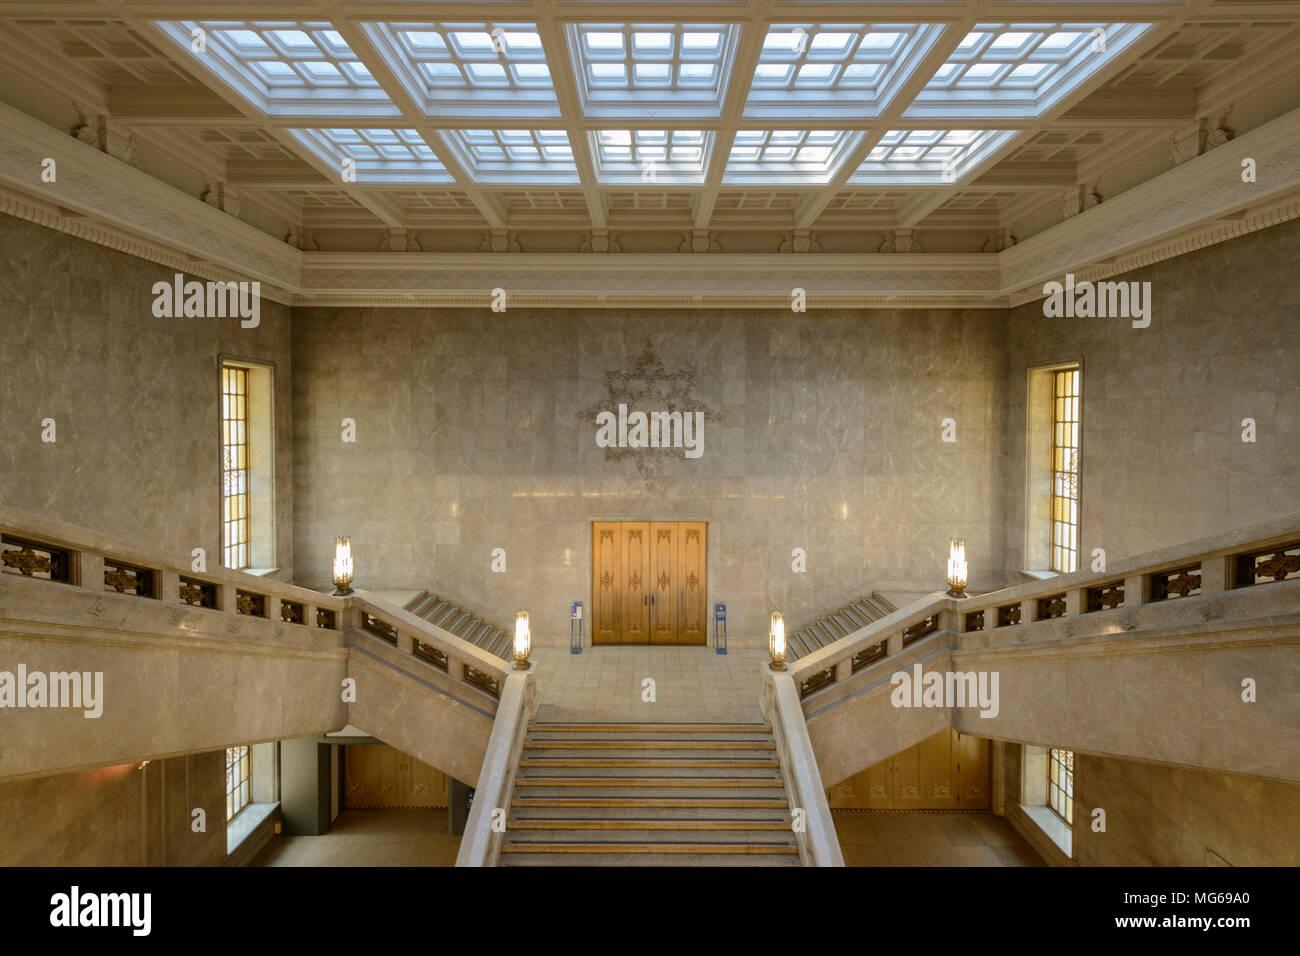 Le hall d'entrée et l'escalier du Musée National de Tokyo, Japon. Photo Stock